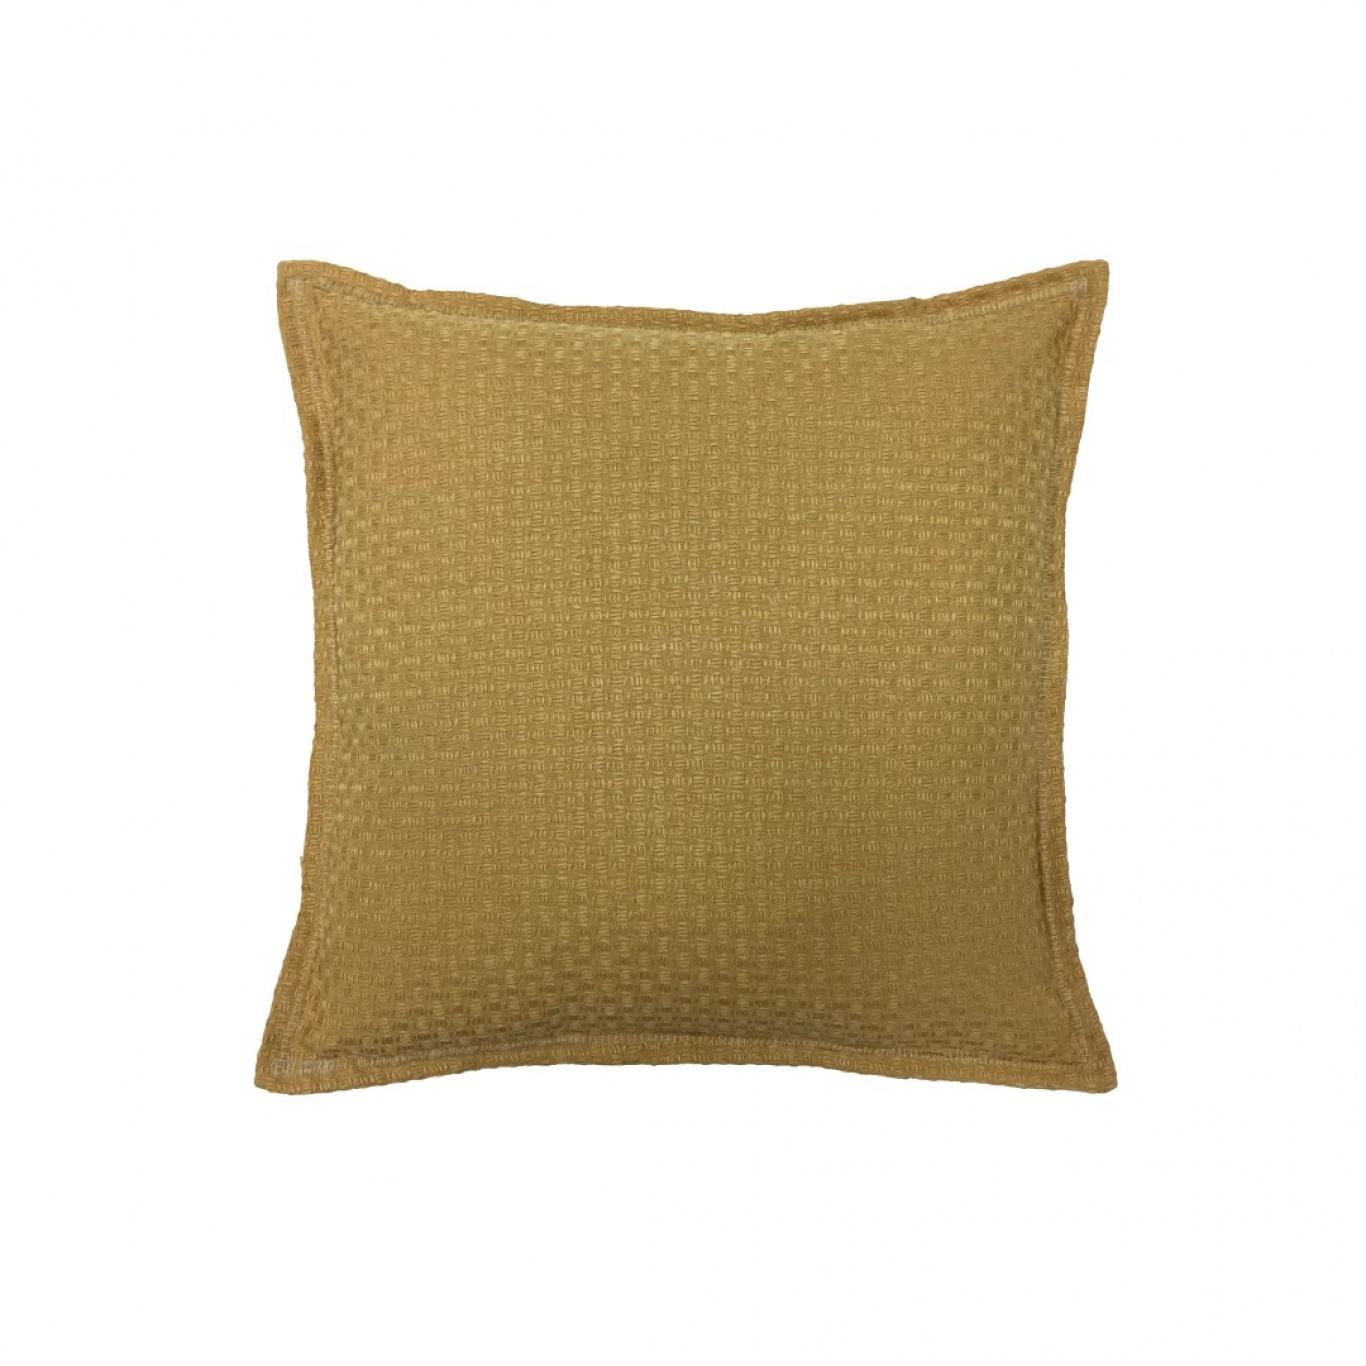 Image of Voyage Nessa Corn Cushion